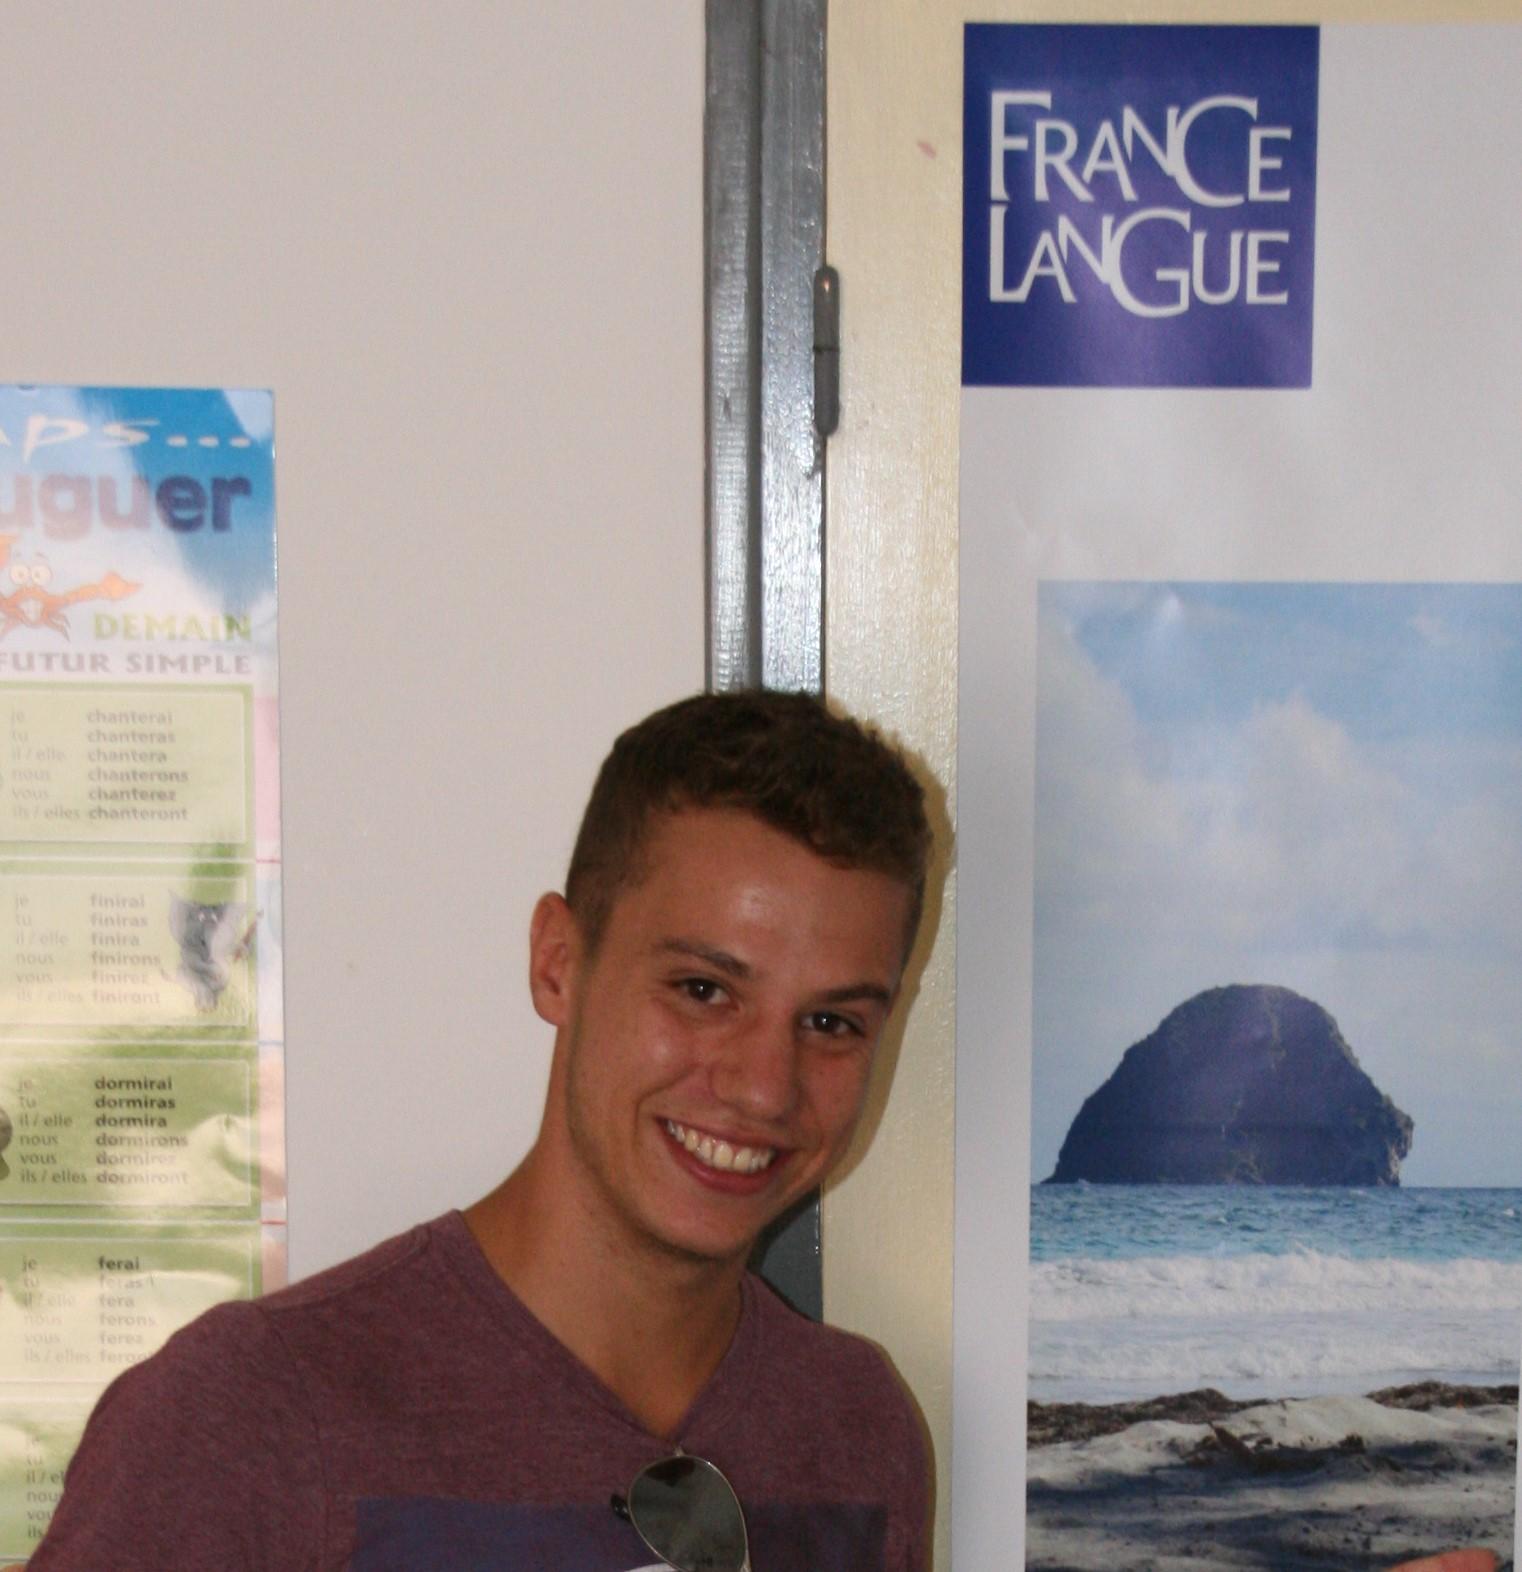 Etudiant de France langue